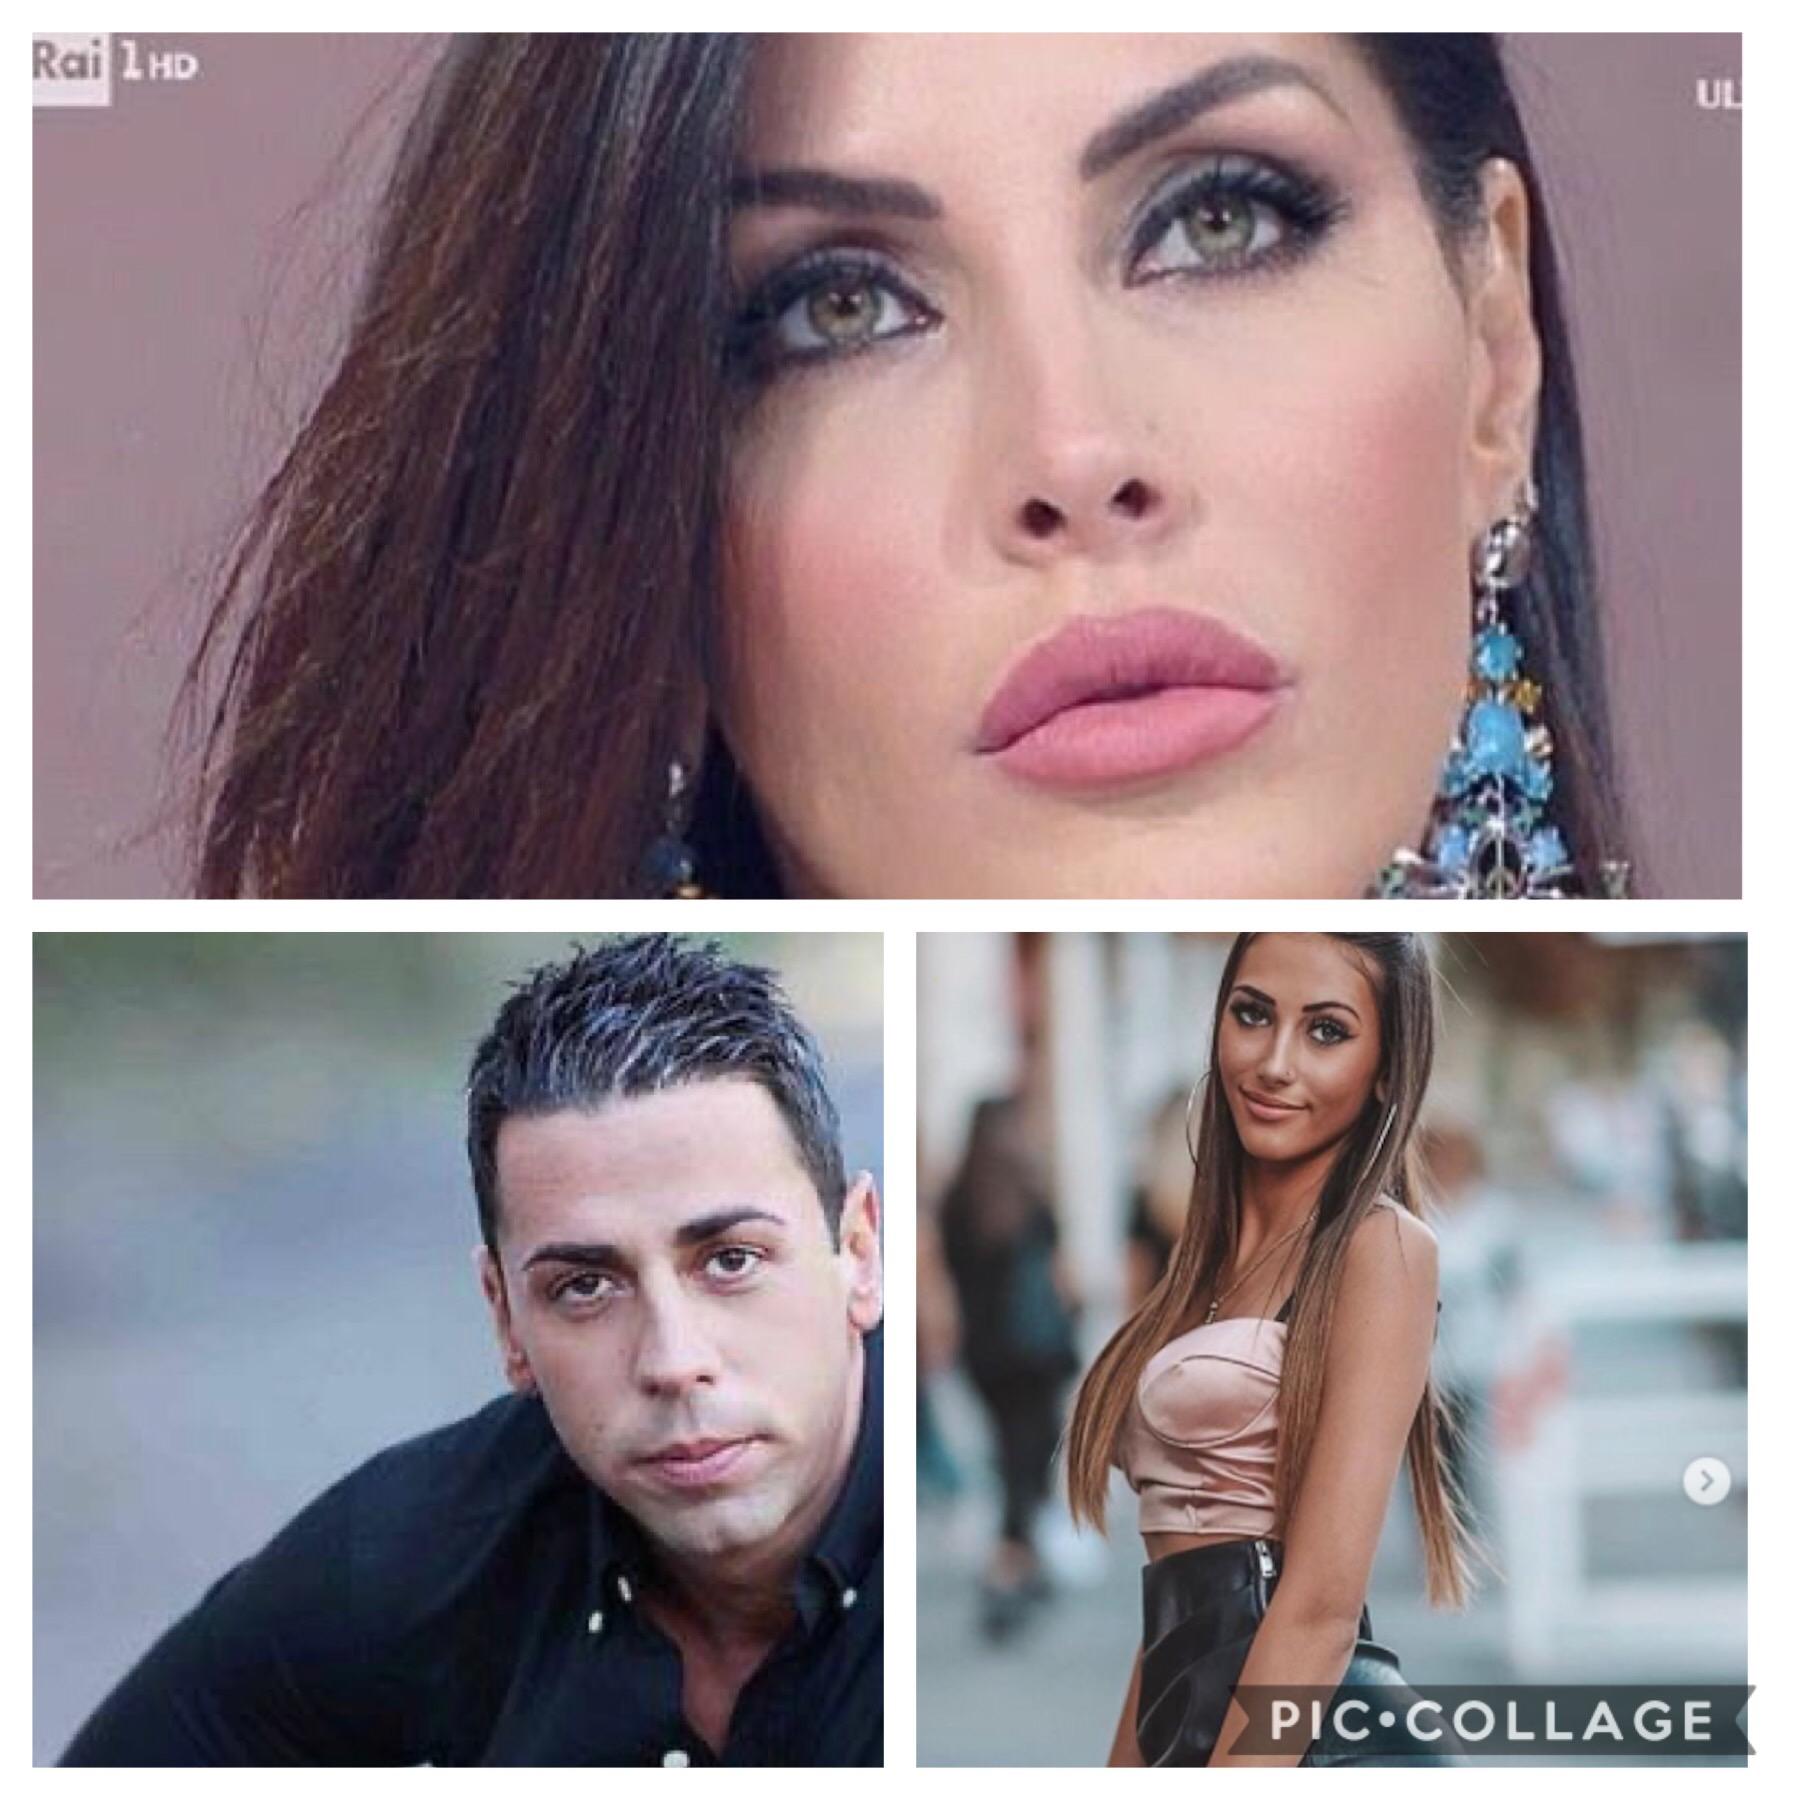 """TV, Grande Fratello. Remo Nicolini, l'ex di Guendalina Tavassi su Instagram: """"Viette a pija' tu fija e chiudi quella fogna"""" (Video)"""